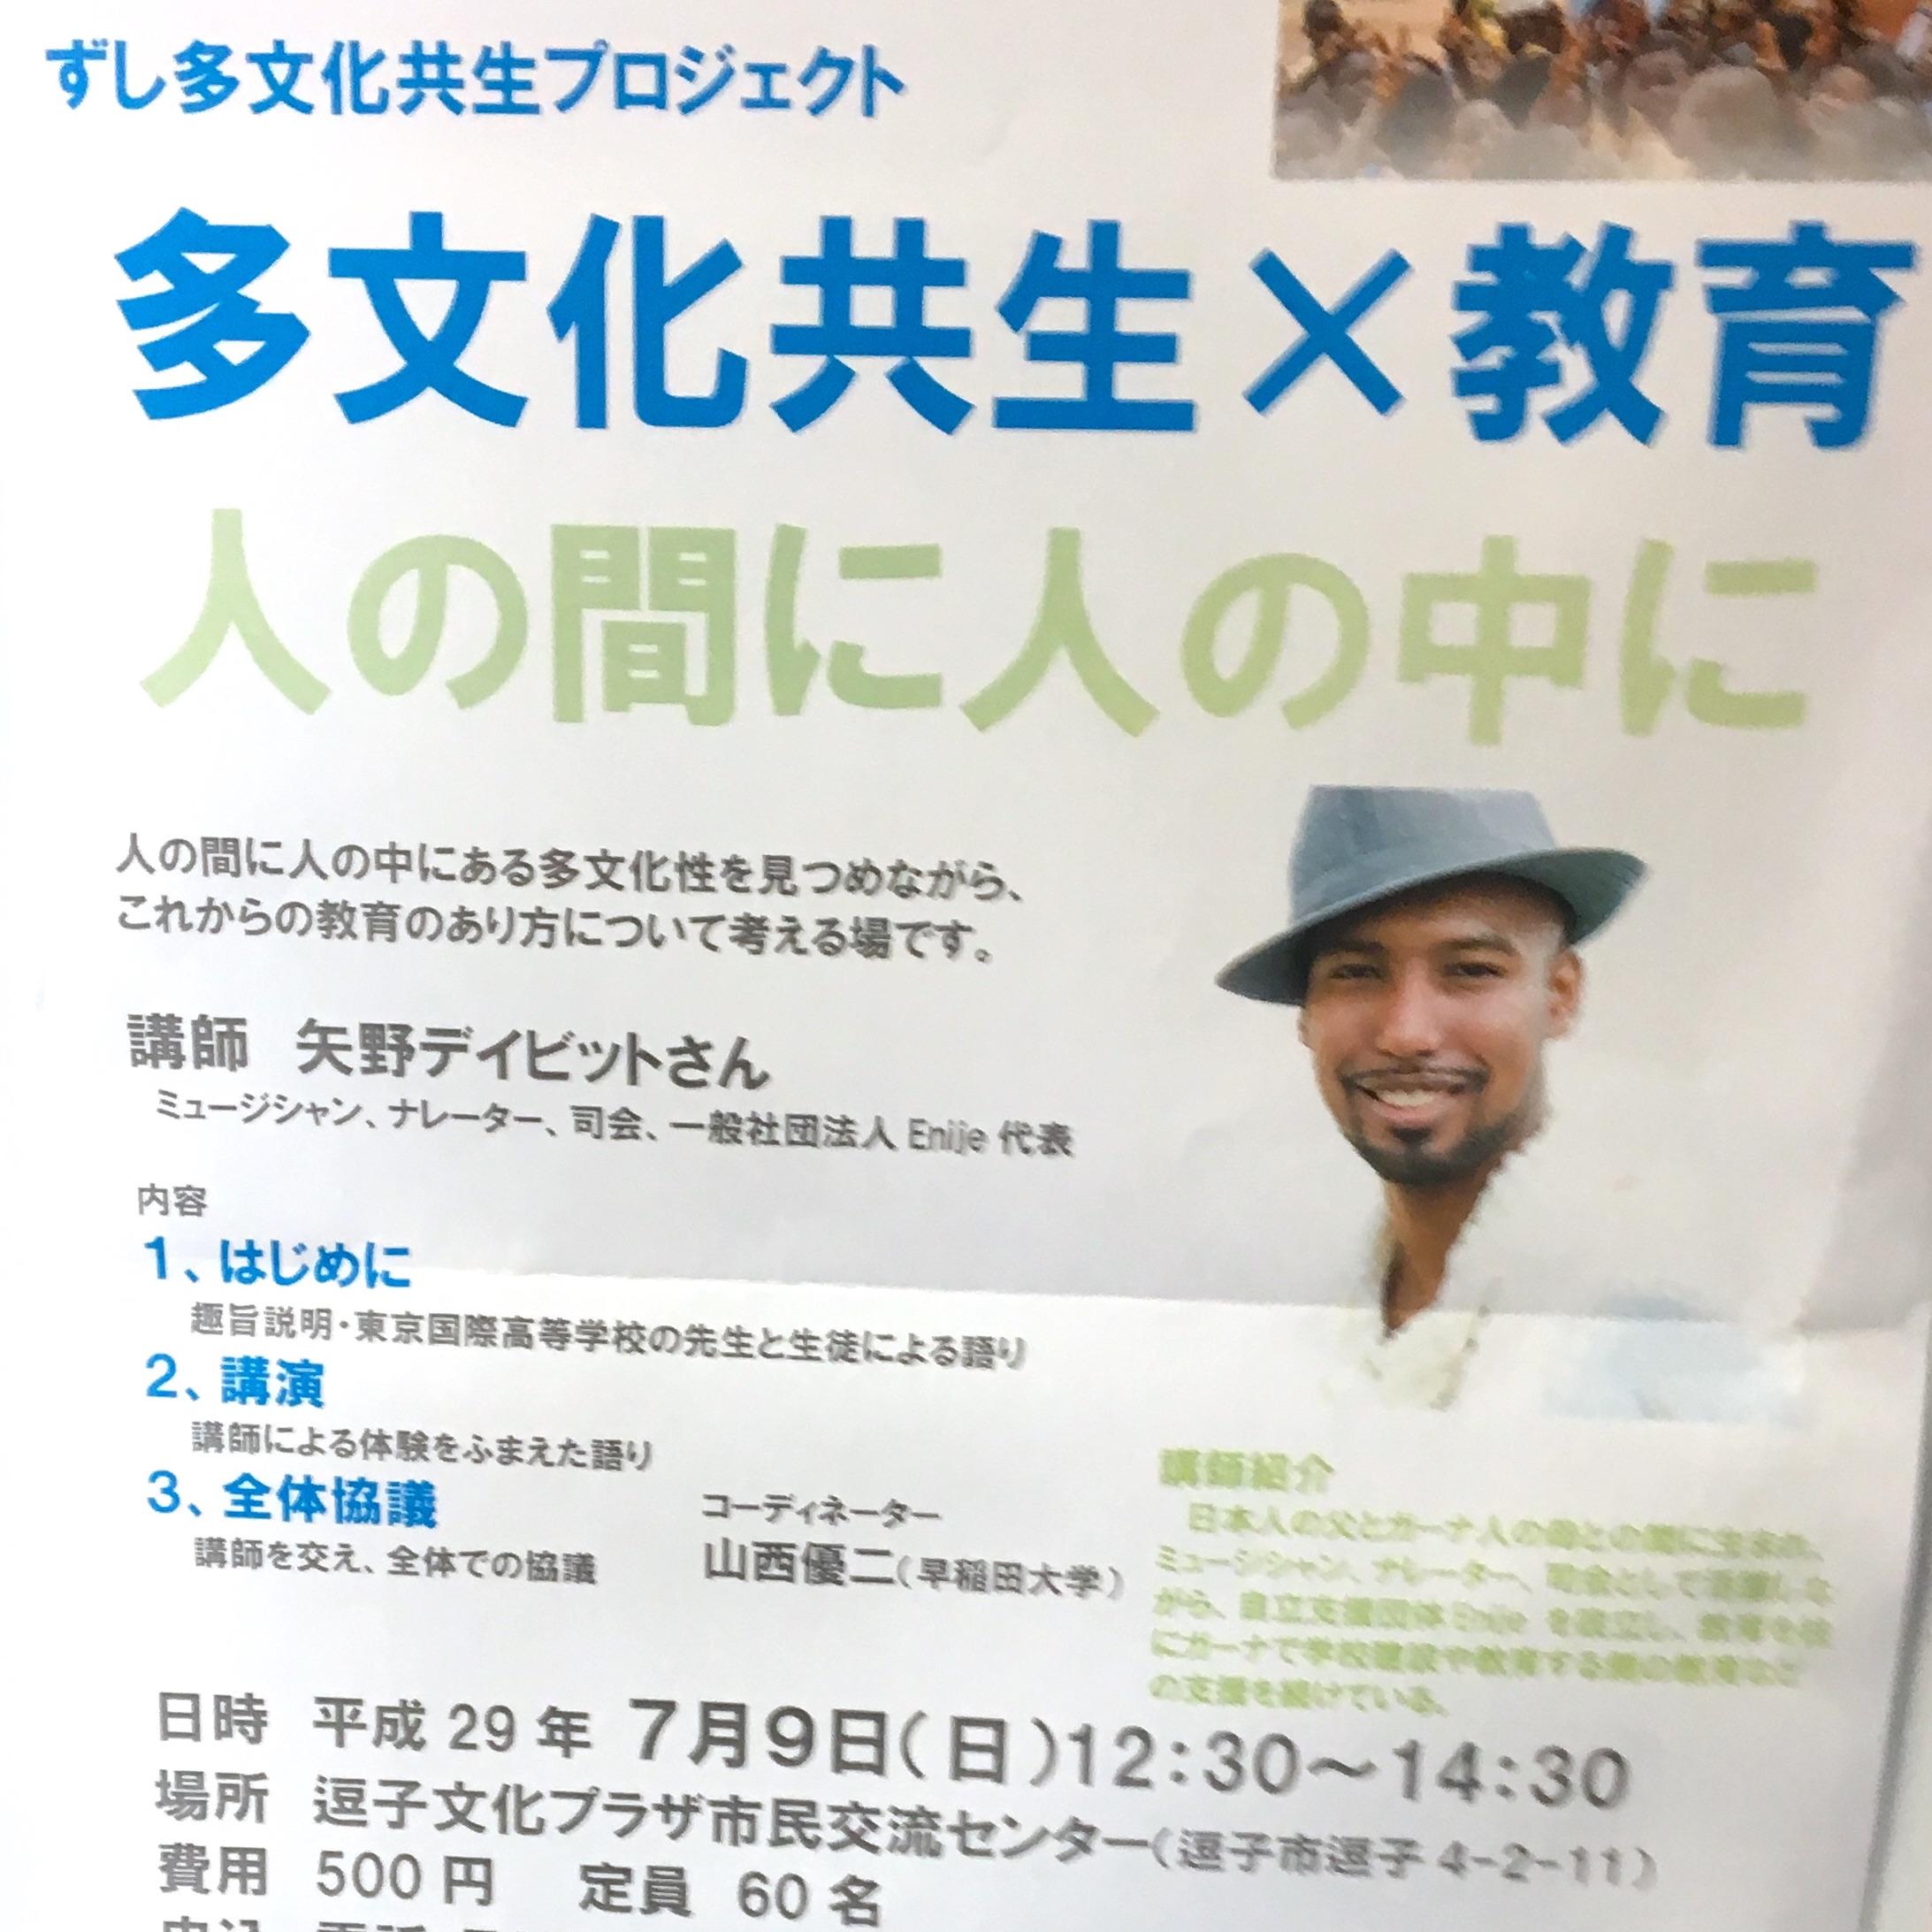 ずし多文化共生プロジェクト③「多文化×共生」矢野デイビットさん講演